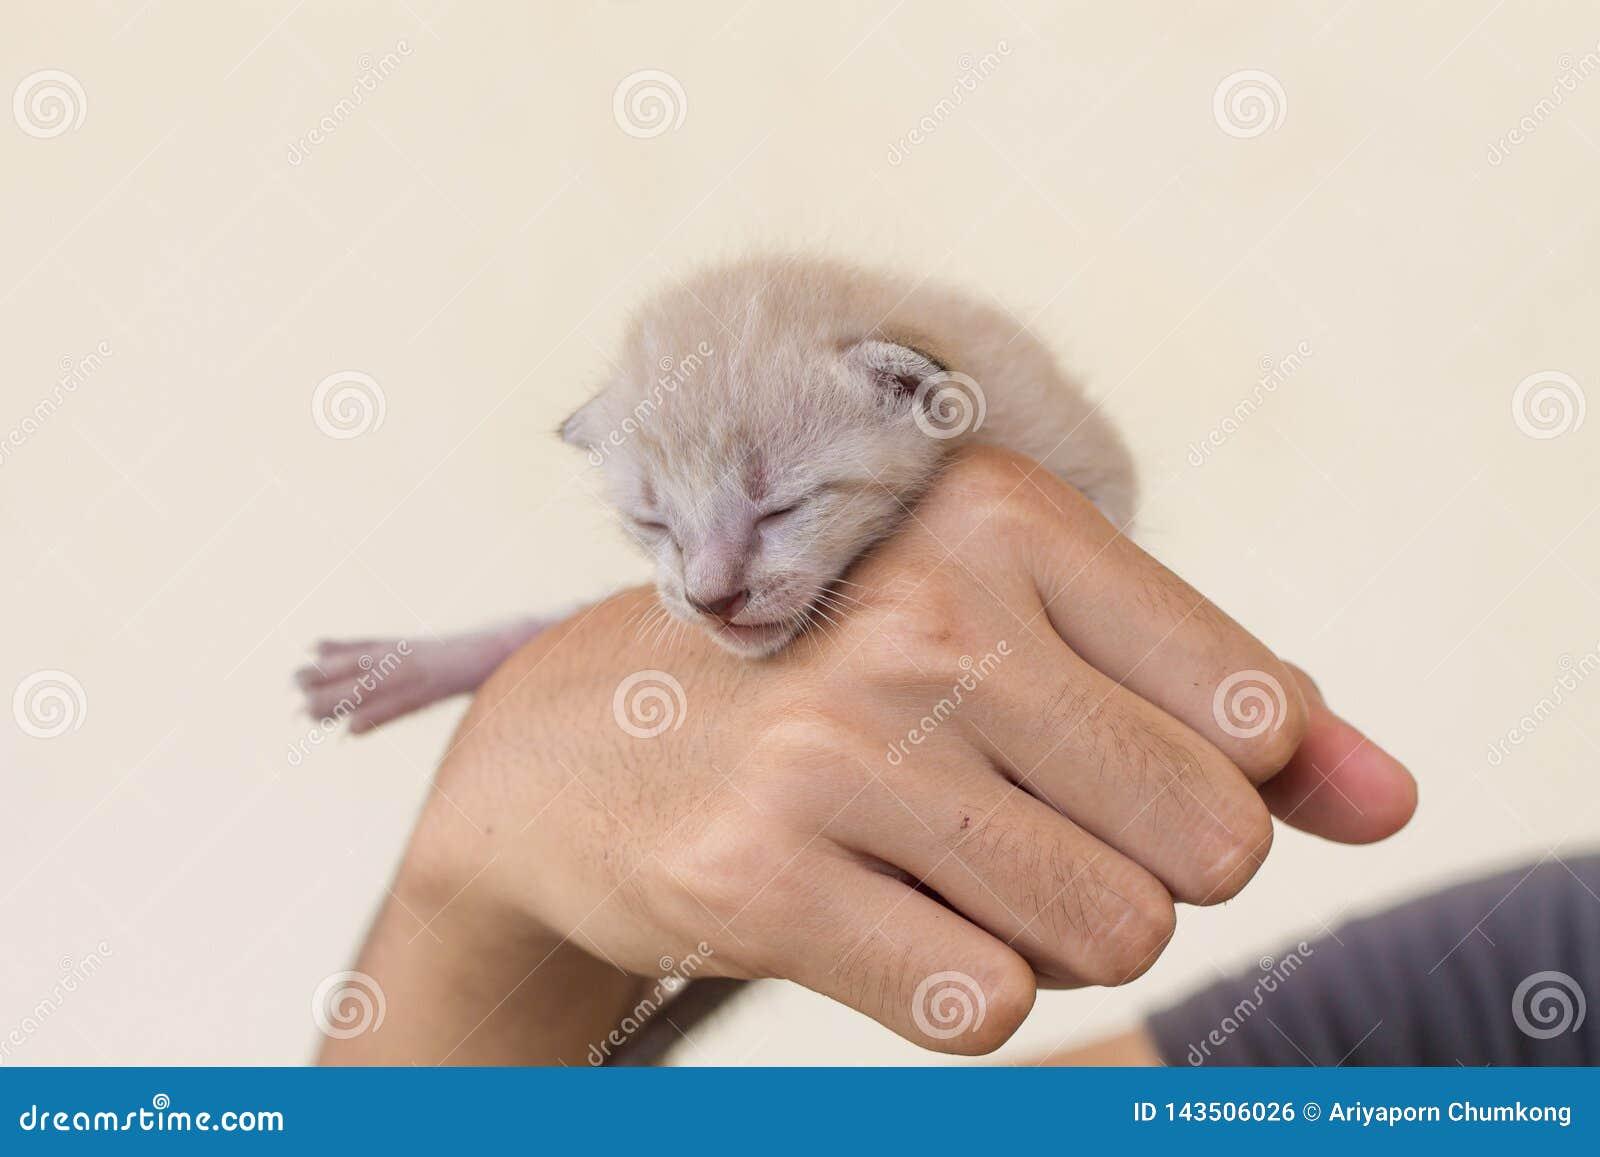 Nyfödd kattunge i händer